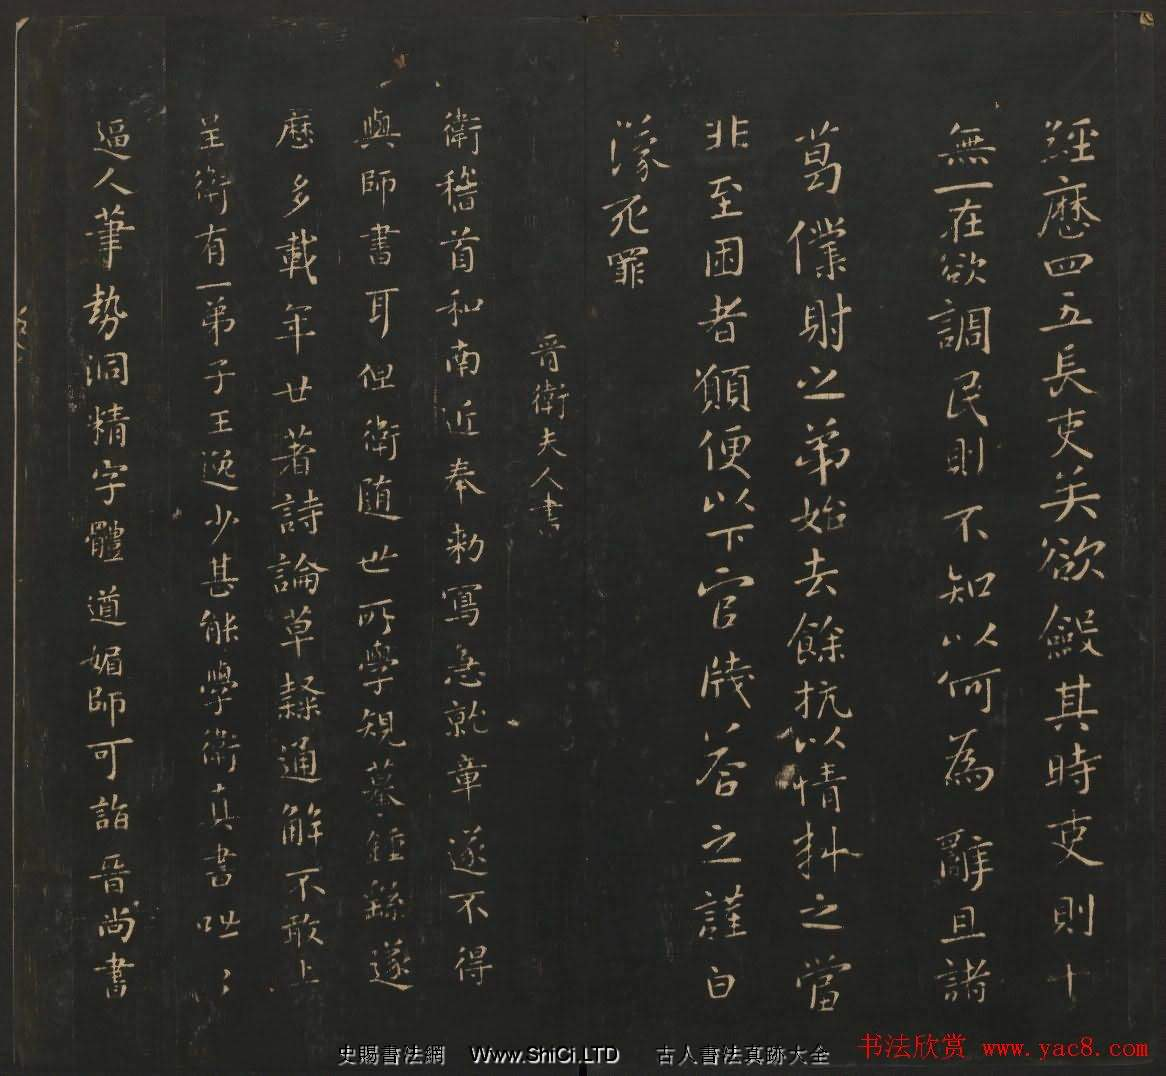 晉代名家書帖《寶賢堂集古法帖》卷八